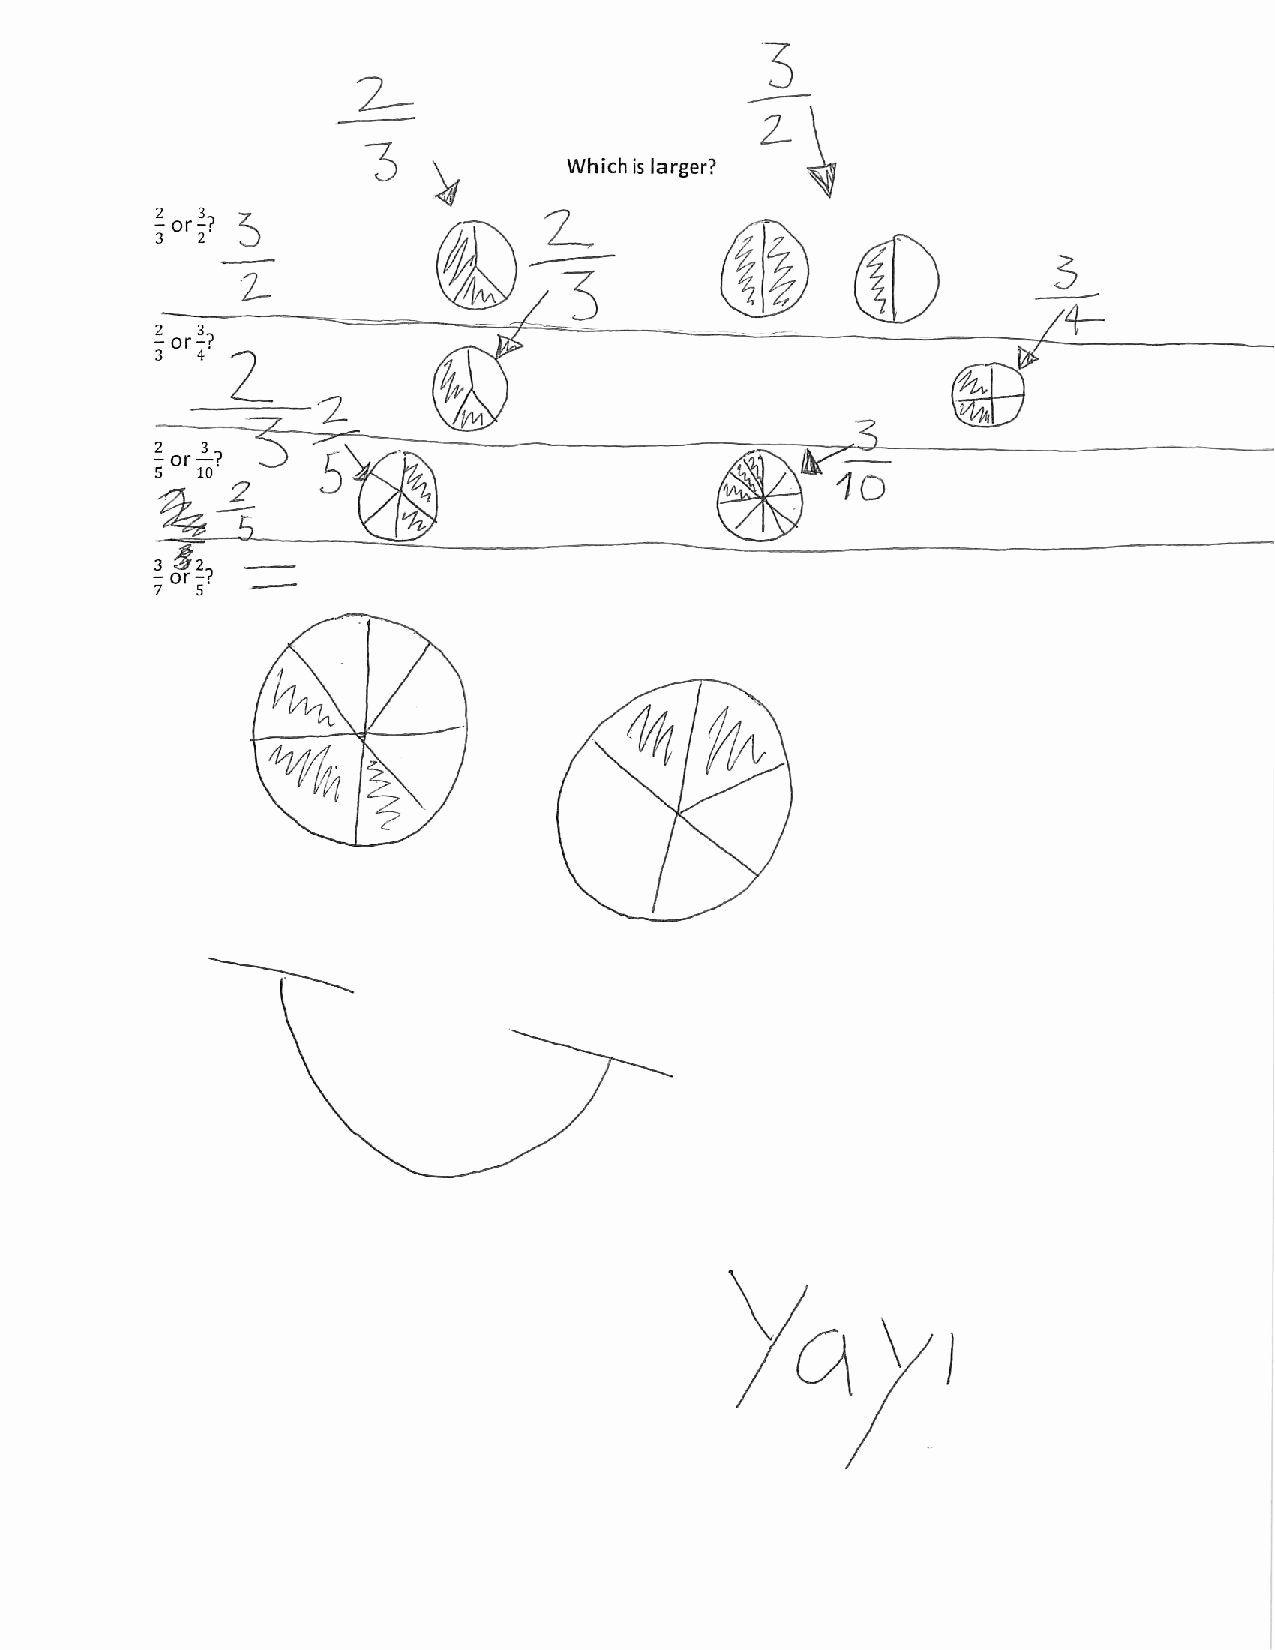 Grade 7 Reading Comprehension Worksheets Pdf Free